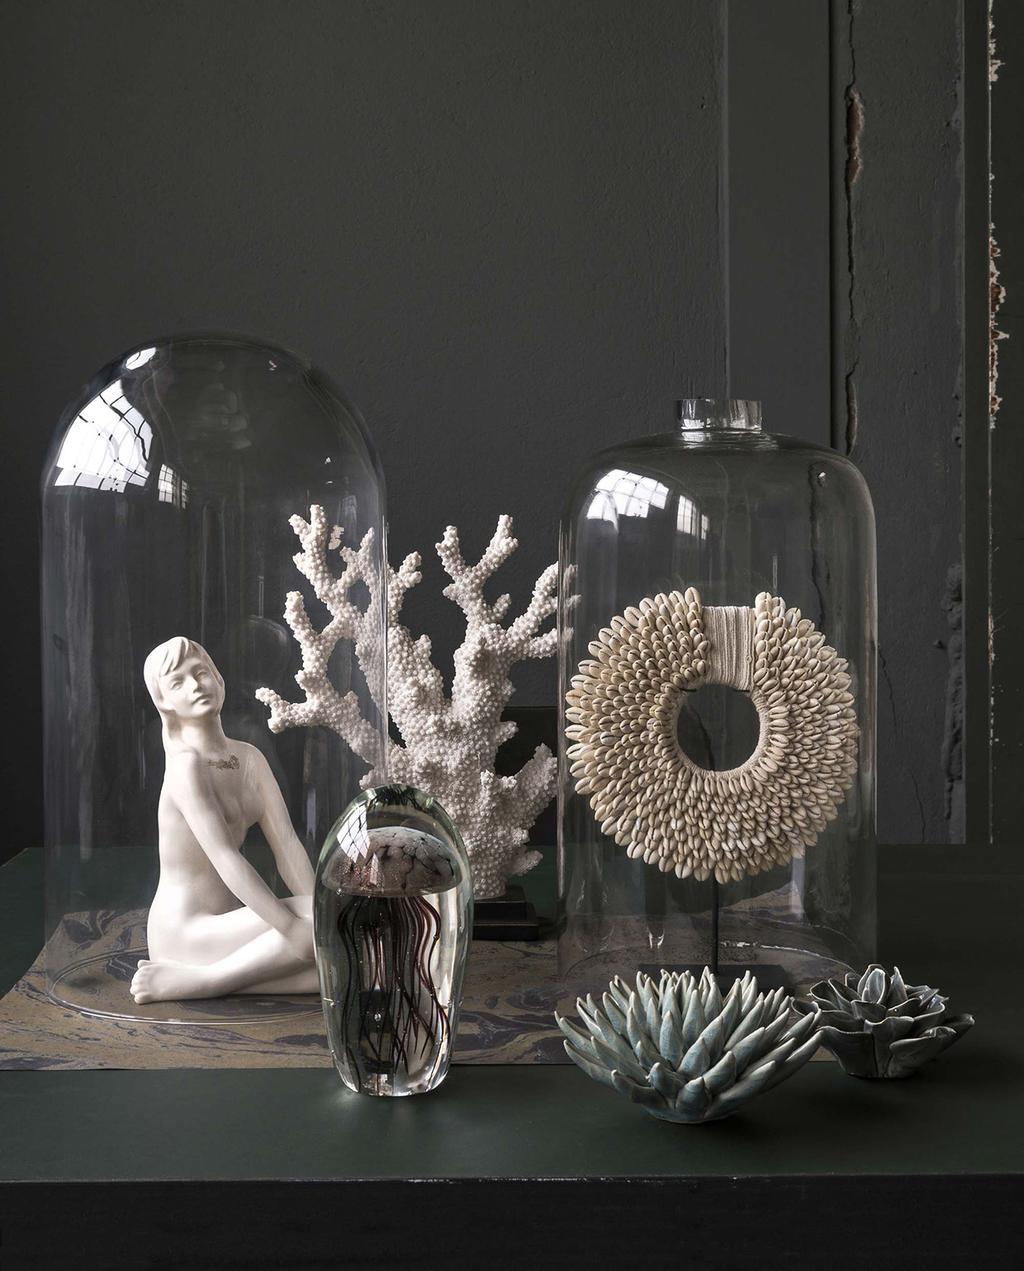 vtwonen 13-2017 | glazen stolpen met koraal, en wit beeld van meisje